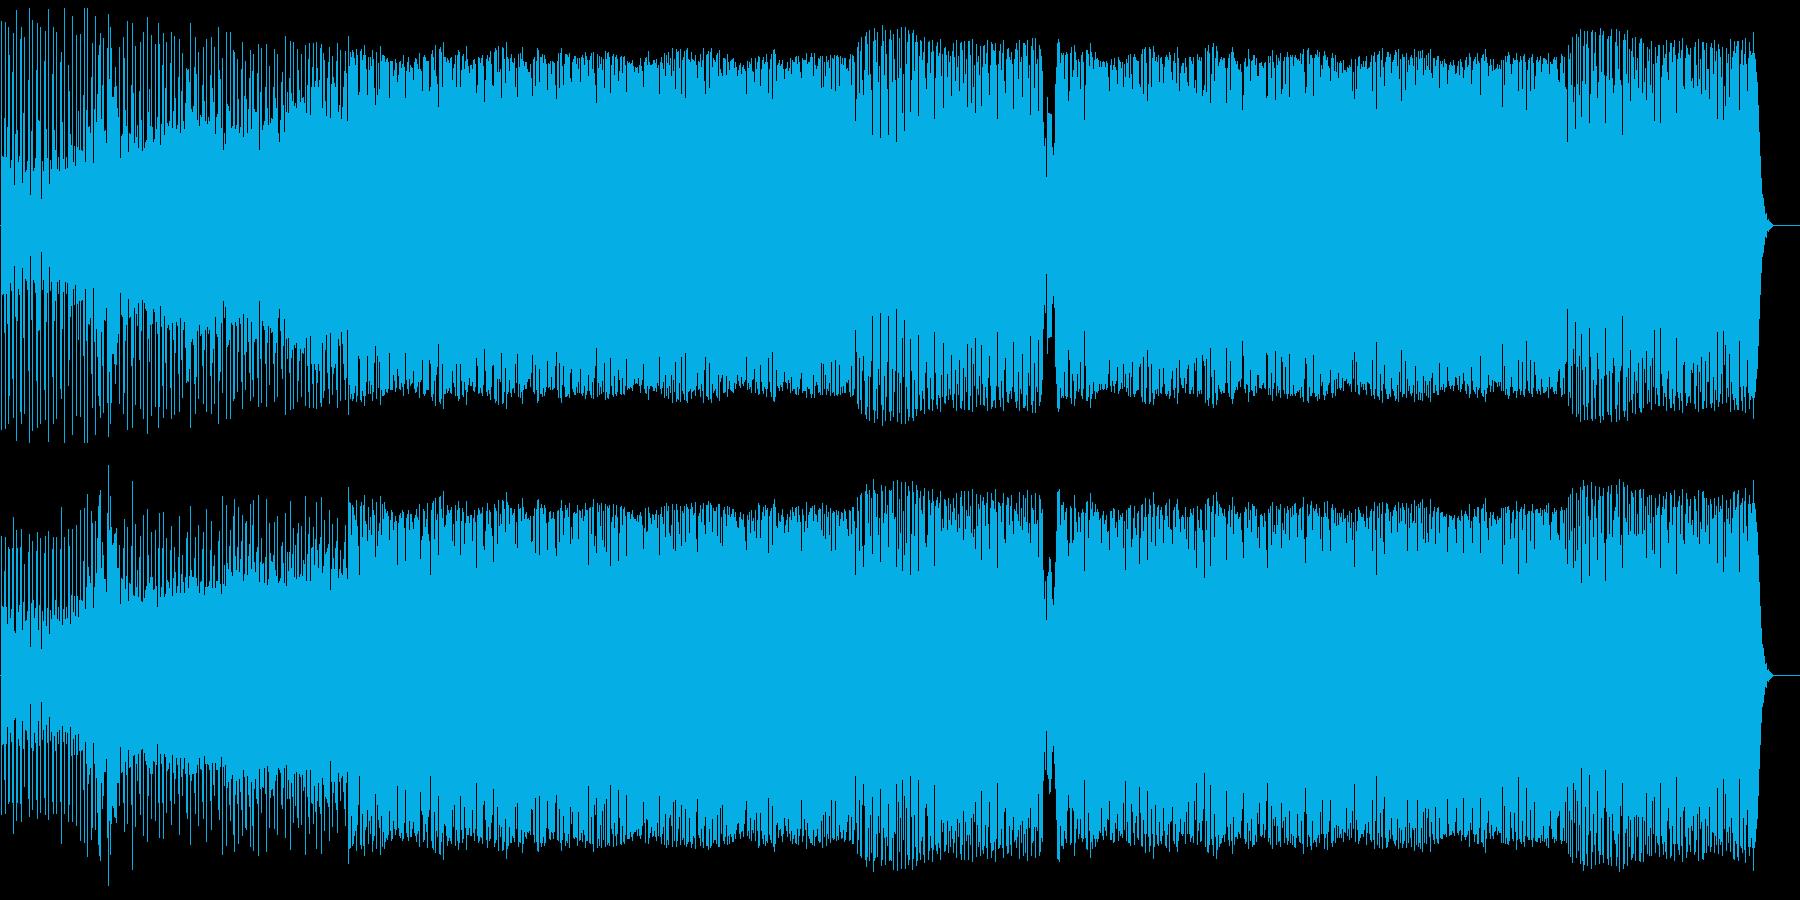 ザラザラしたサウンドが特徴のミニマル風の再生済みの波形